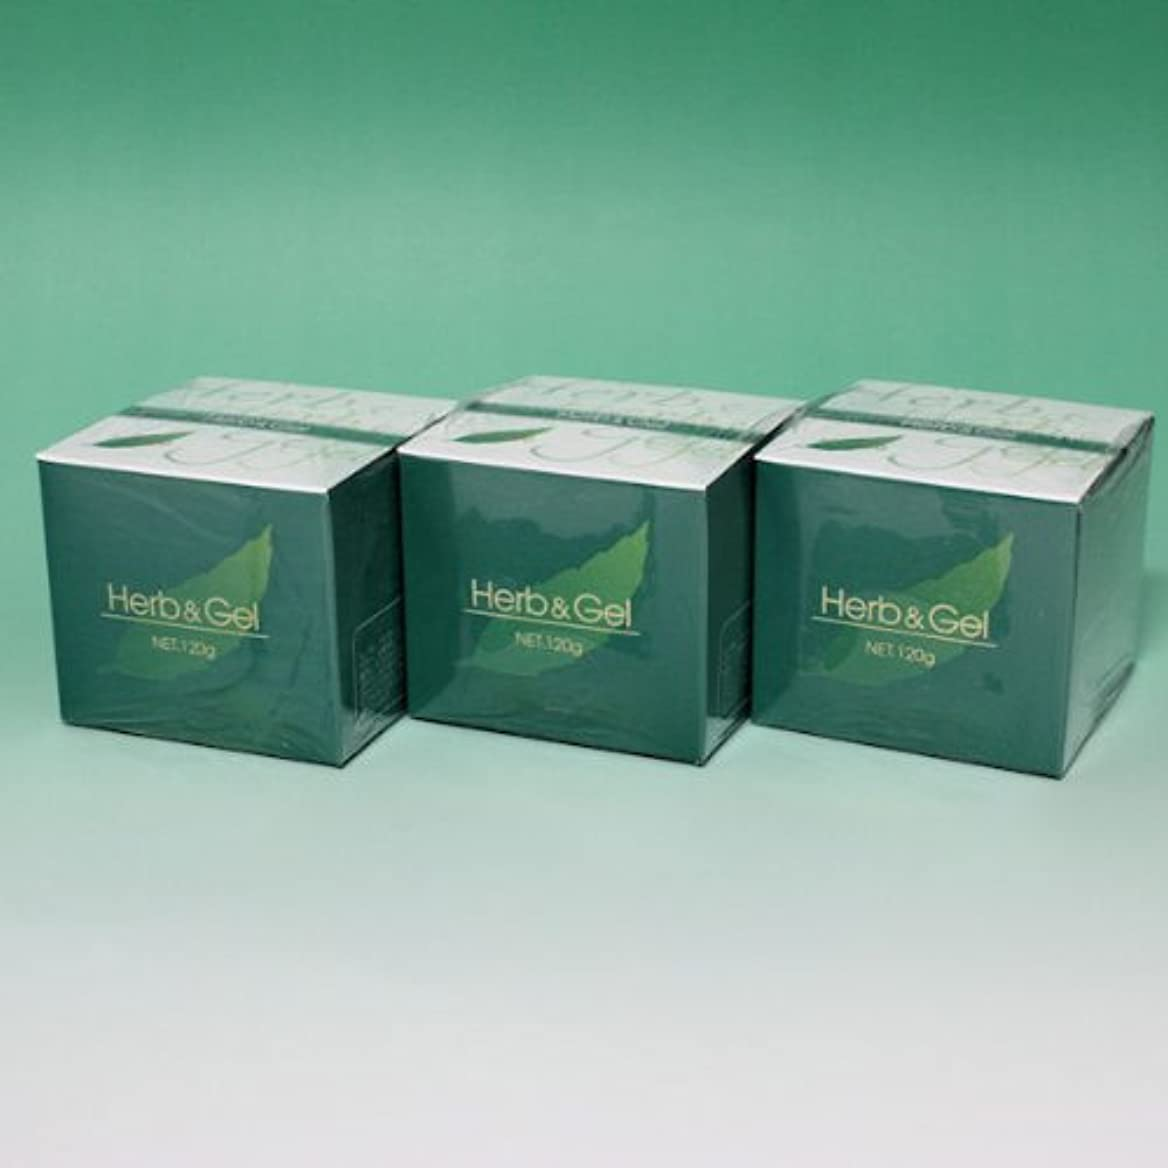 古くなった過激派魅惑的なハーブアンドゲル 天然ハーブエキス配合 120g×3瓶セット (4580109490026)